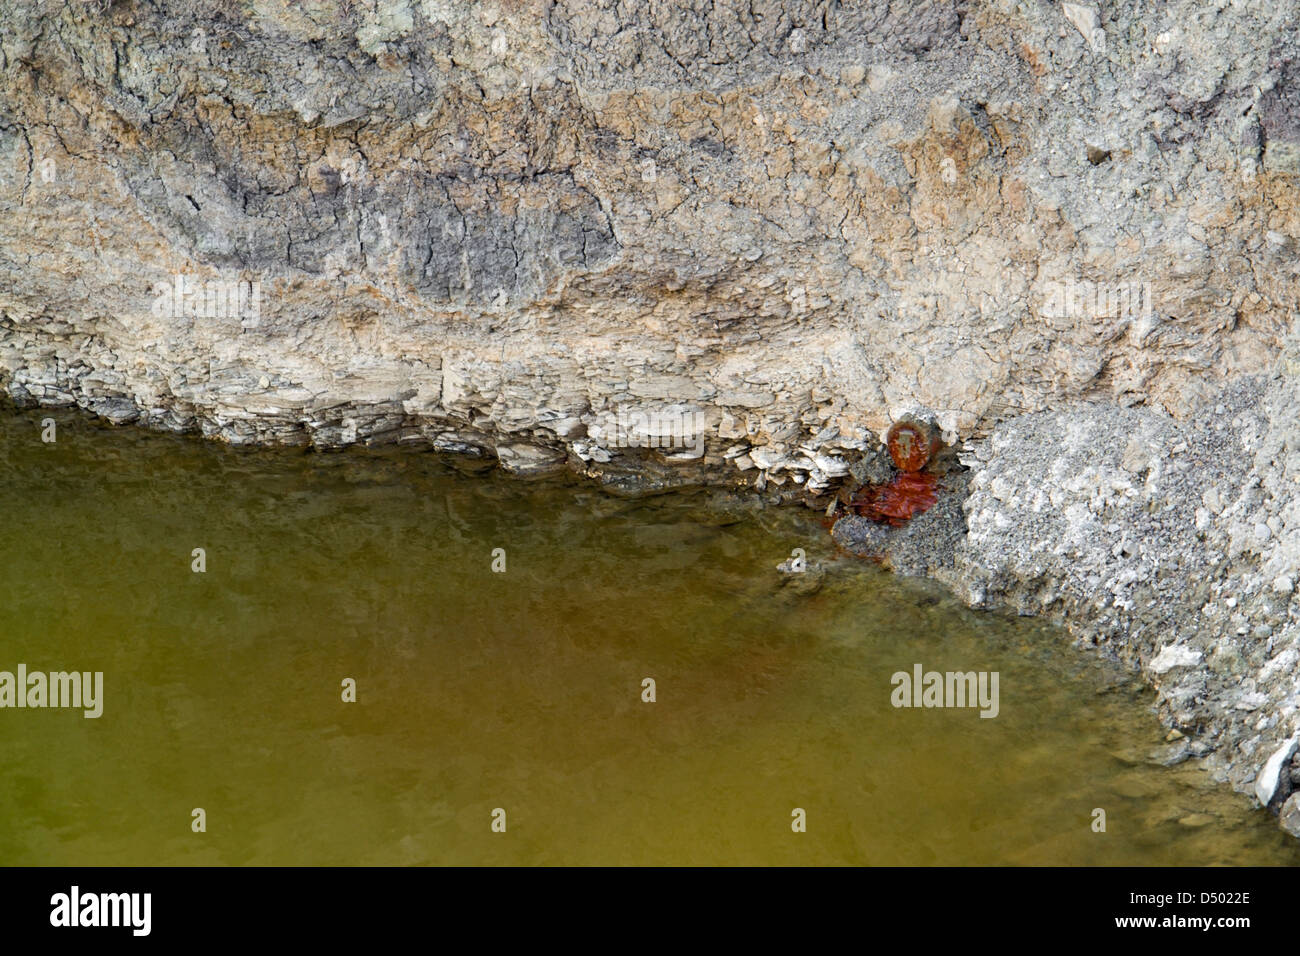 Le thème de la pollution autour de la contamination de l'eau Photo Stock